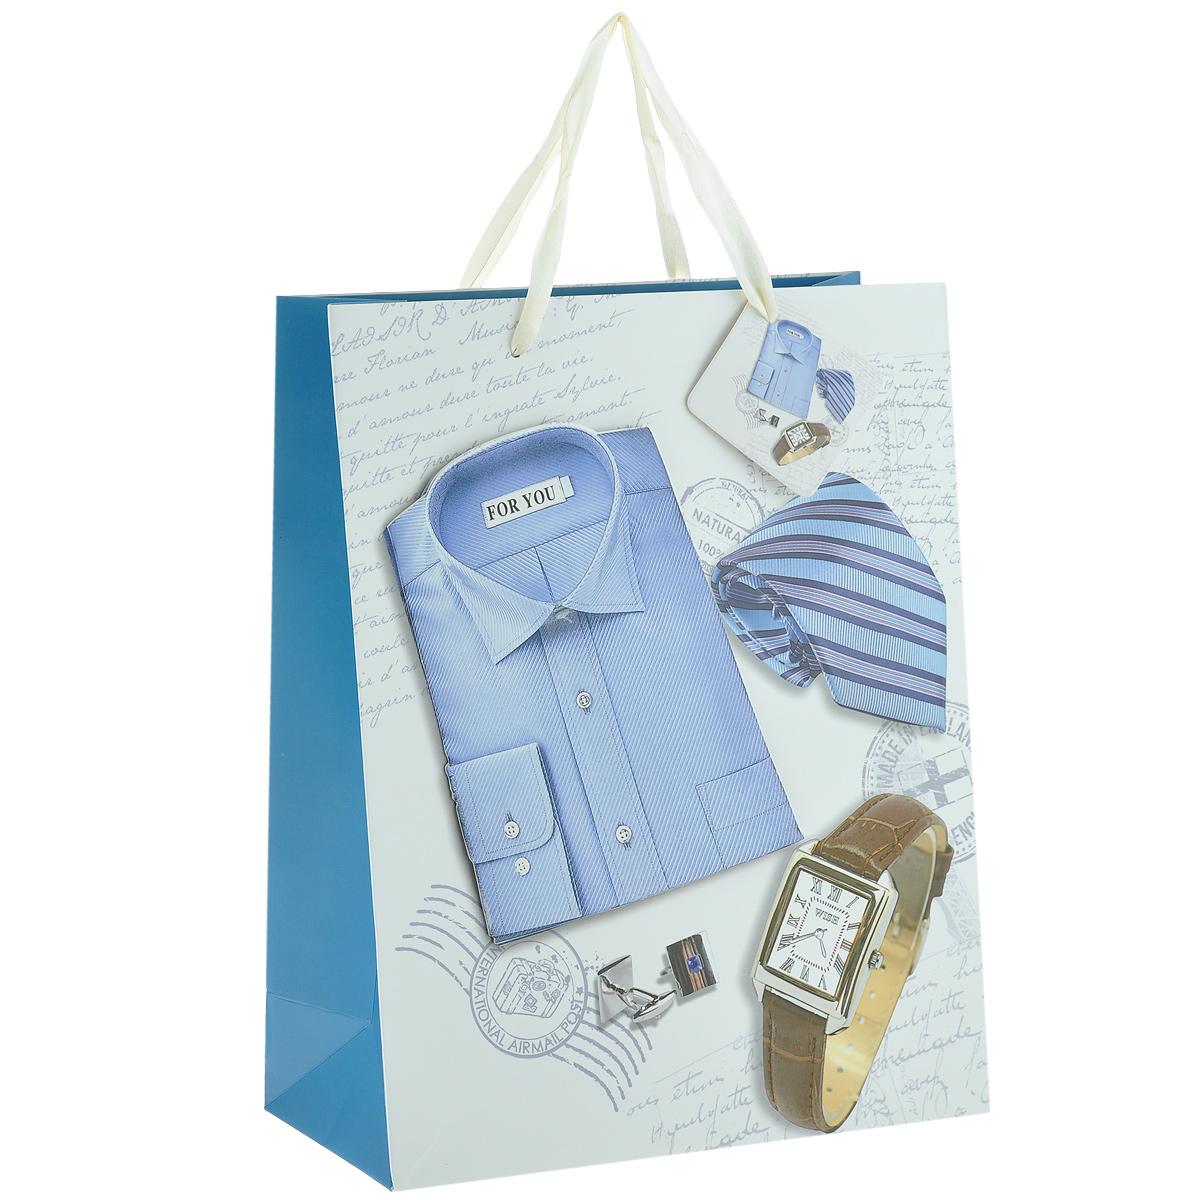 Пакет подарочный Мужской стиль, 26 х 10 х 32 см1301-SB Пакет Мужской стильДизайнерский подарочный пакет Мужской стиль выполнен из плотной бумаги, оформлен изображением часов, галстука, запонок и аппликацией в виде синей рубашки. Дно изделия укреплено плотным картоном, который позволяет сохранить форму пакета и исключает возможность деформации дна под тяжестью подарка. Для удобной переноски имеются две атласные ручки. Подарок, преподнесенный в оригинальной упаковке, всегда будет самым эффектным и запоминающимся. Окружите близких людей вниманием и заботой, вручив презент в нарядном праздничном оформлении.